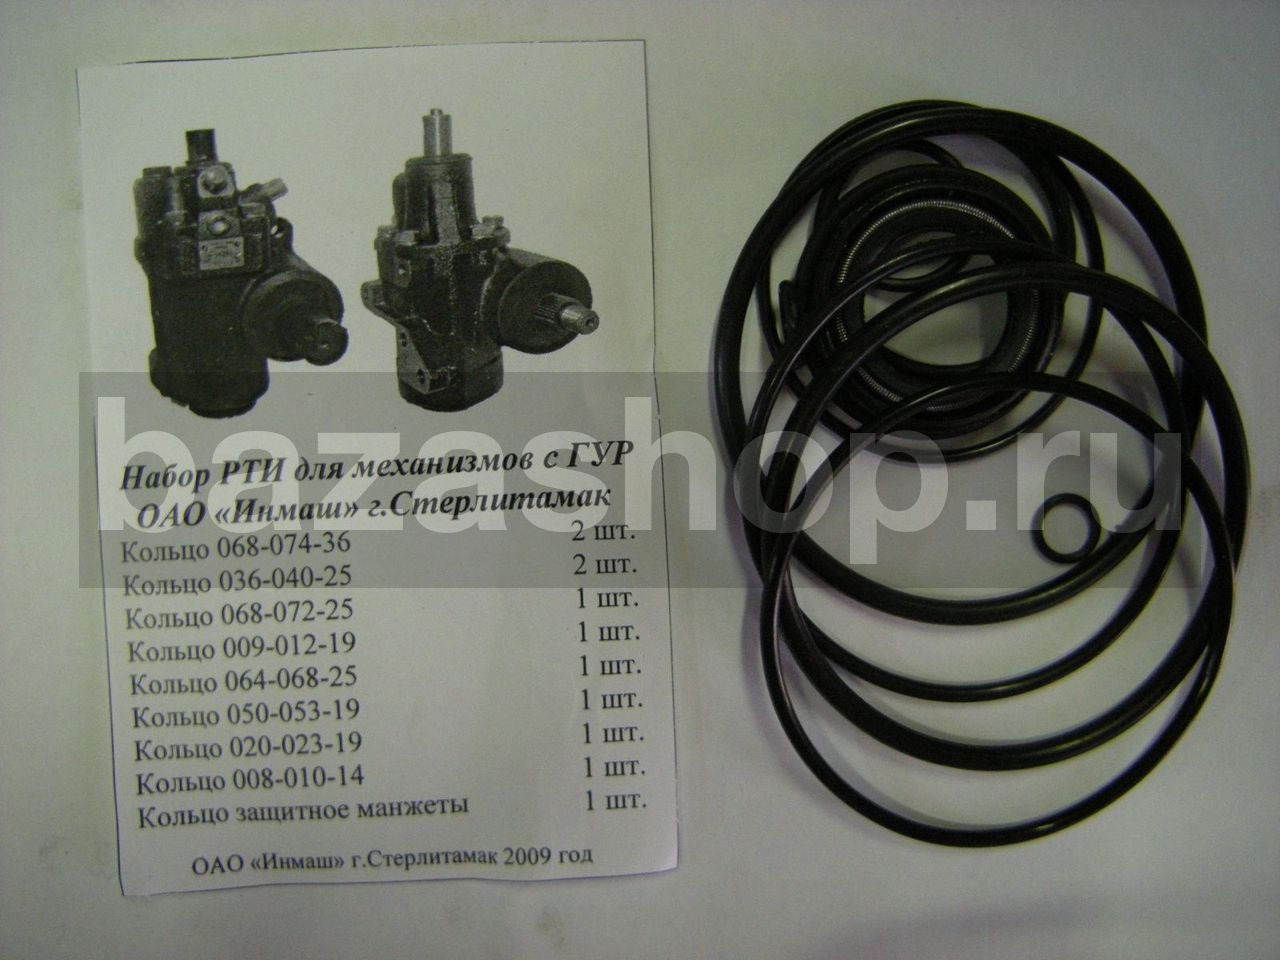 Ремкомплект гидроусилителя руля (ГУРа) УАЗ (Стерлитамак) ** - купить в Пензе